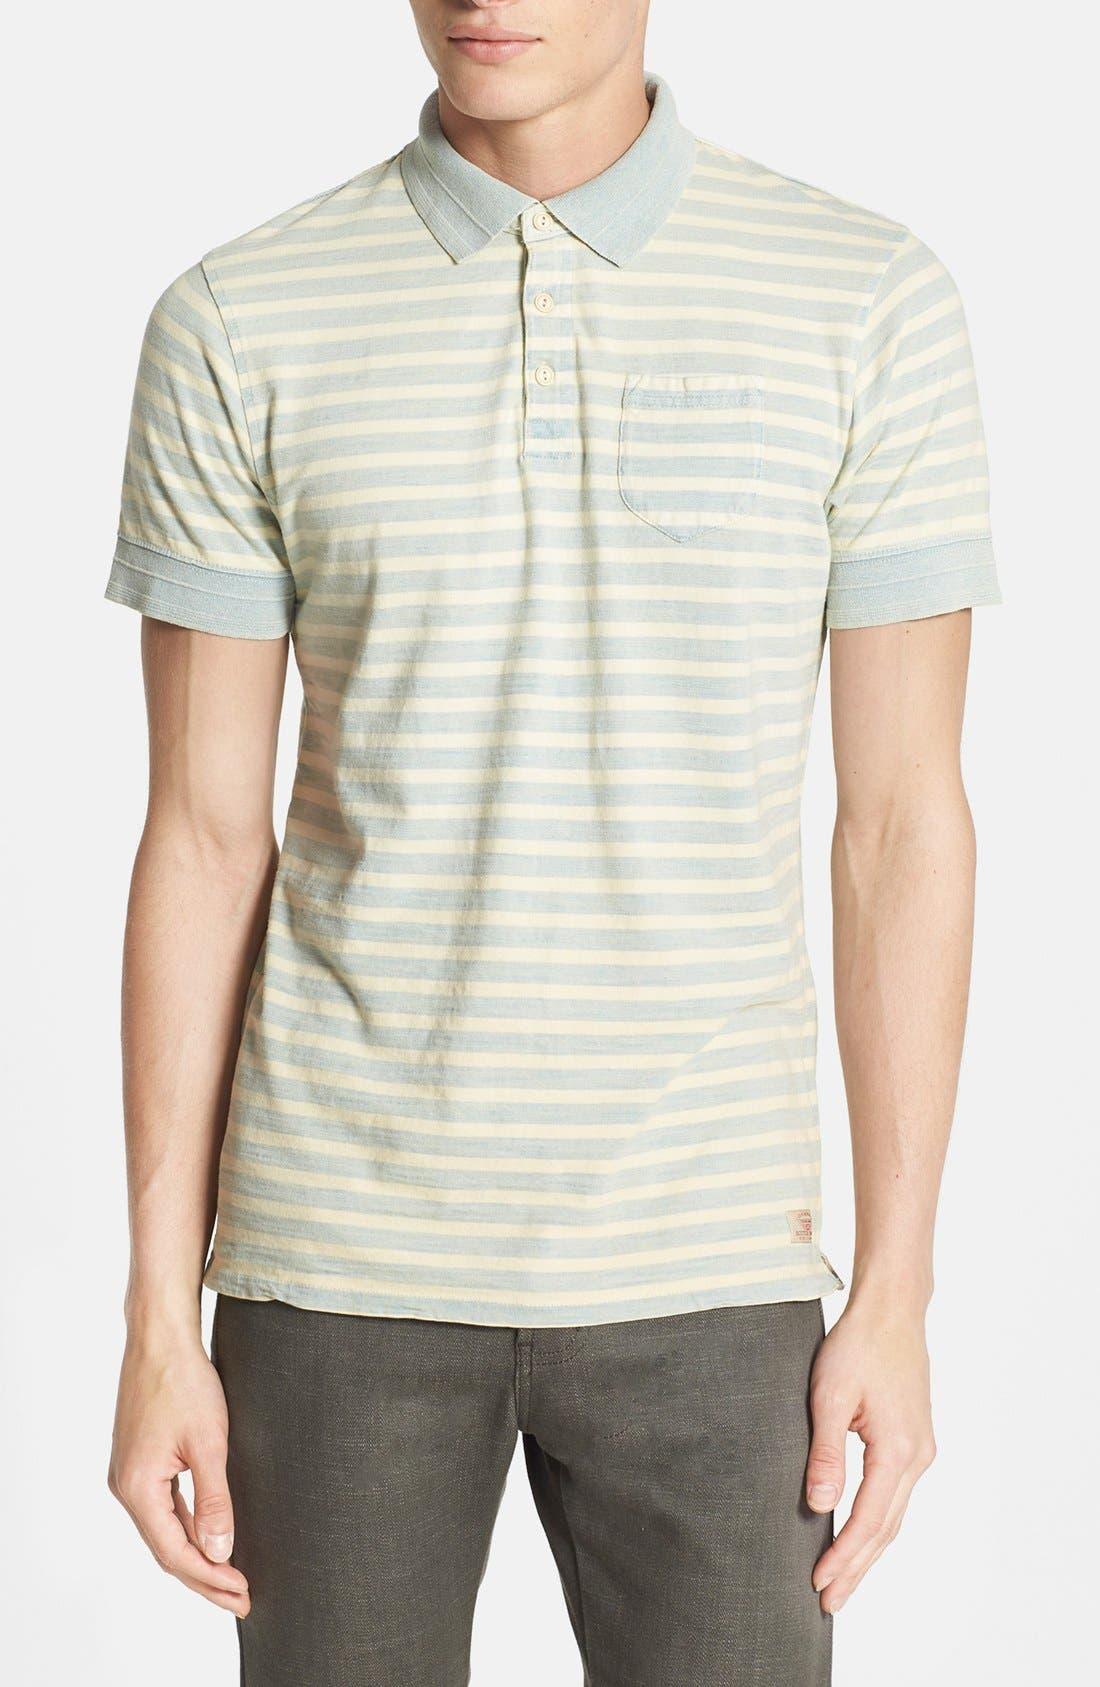 Alternate Image 1 Selected - Scotch & Soda Stripe Jersey Polo